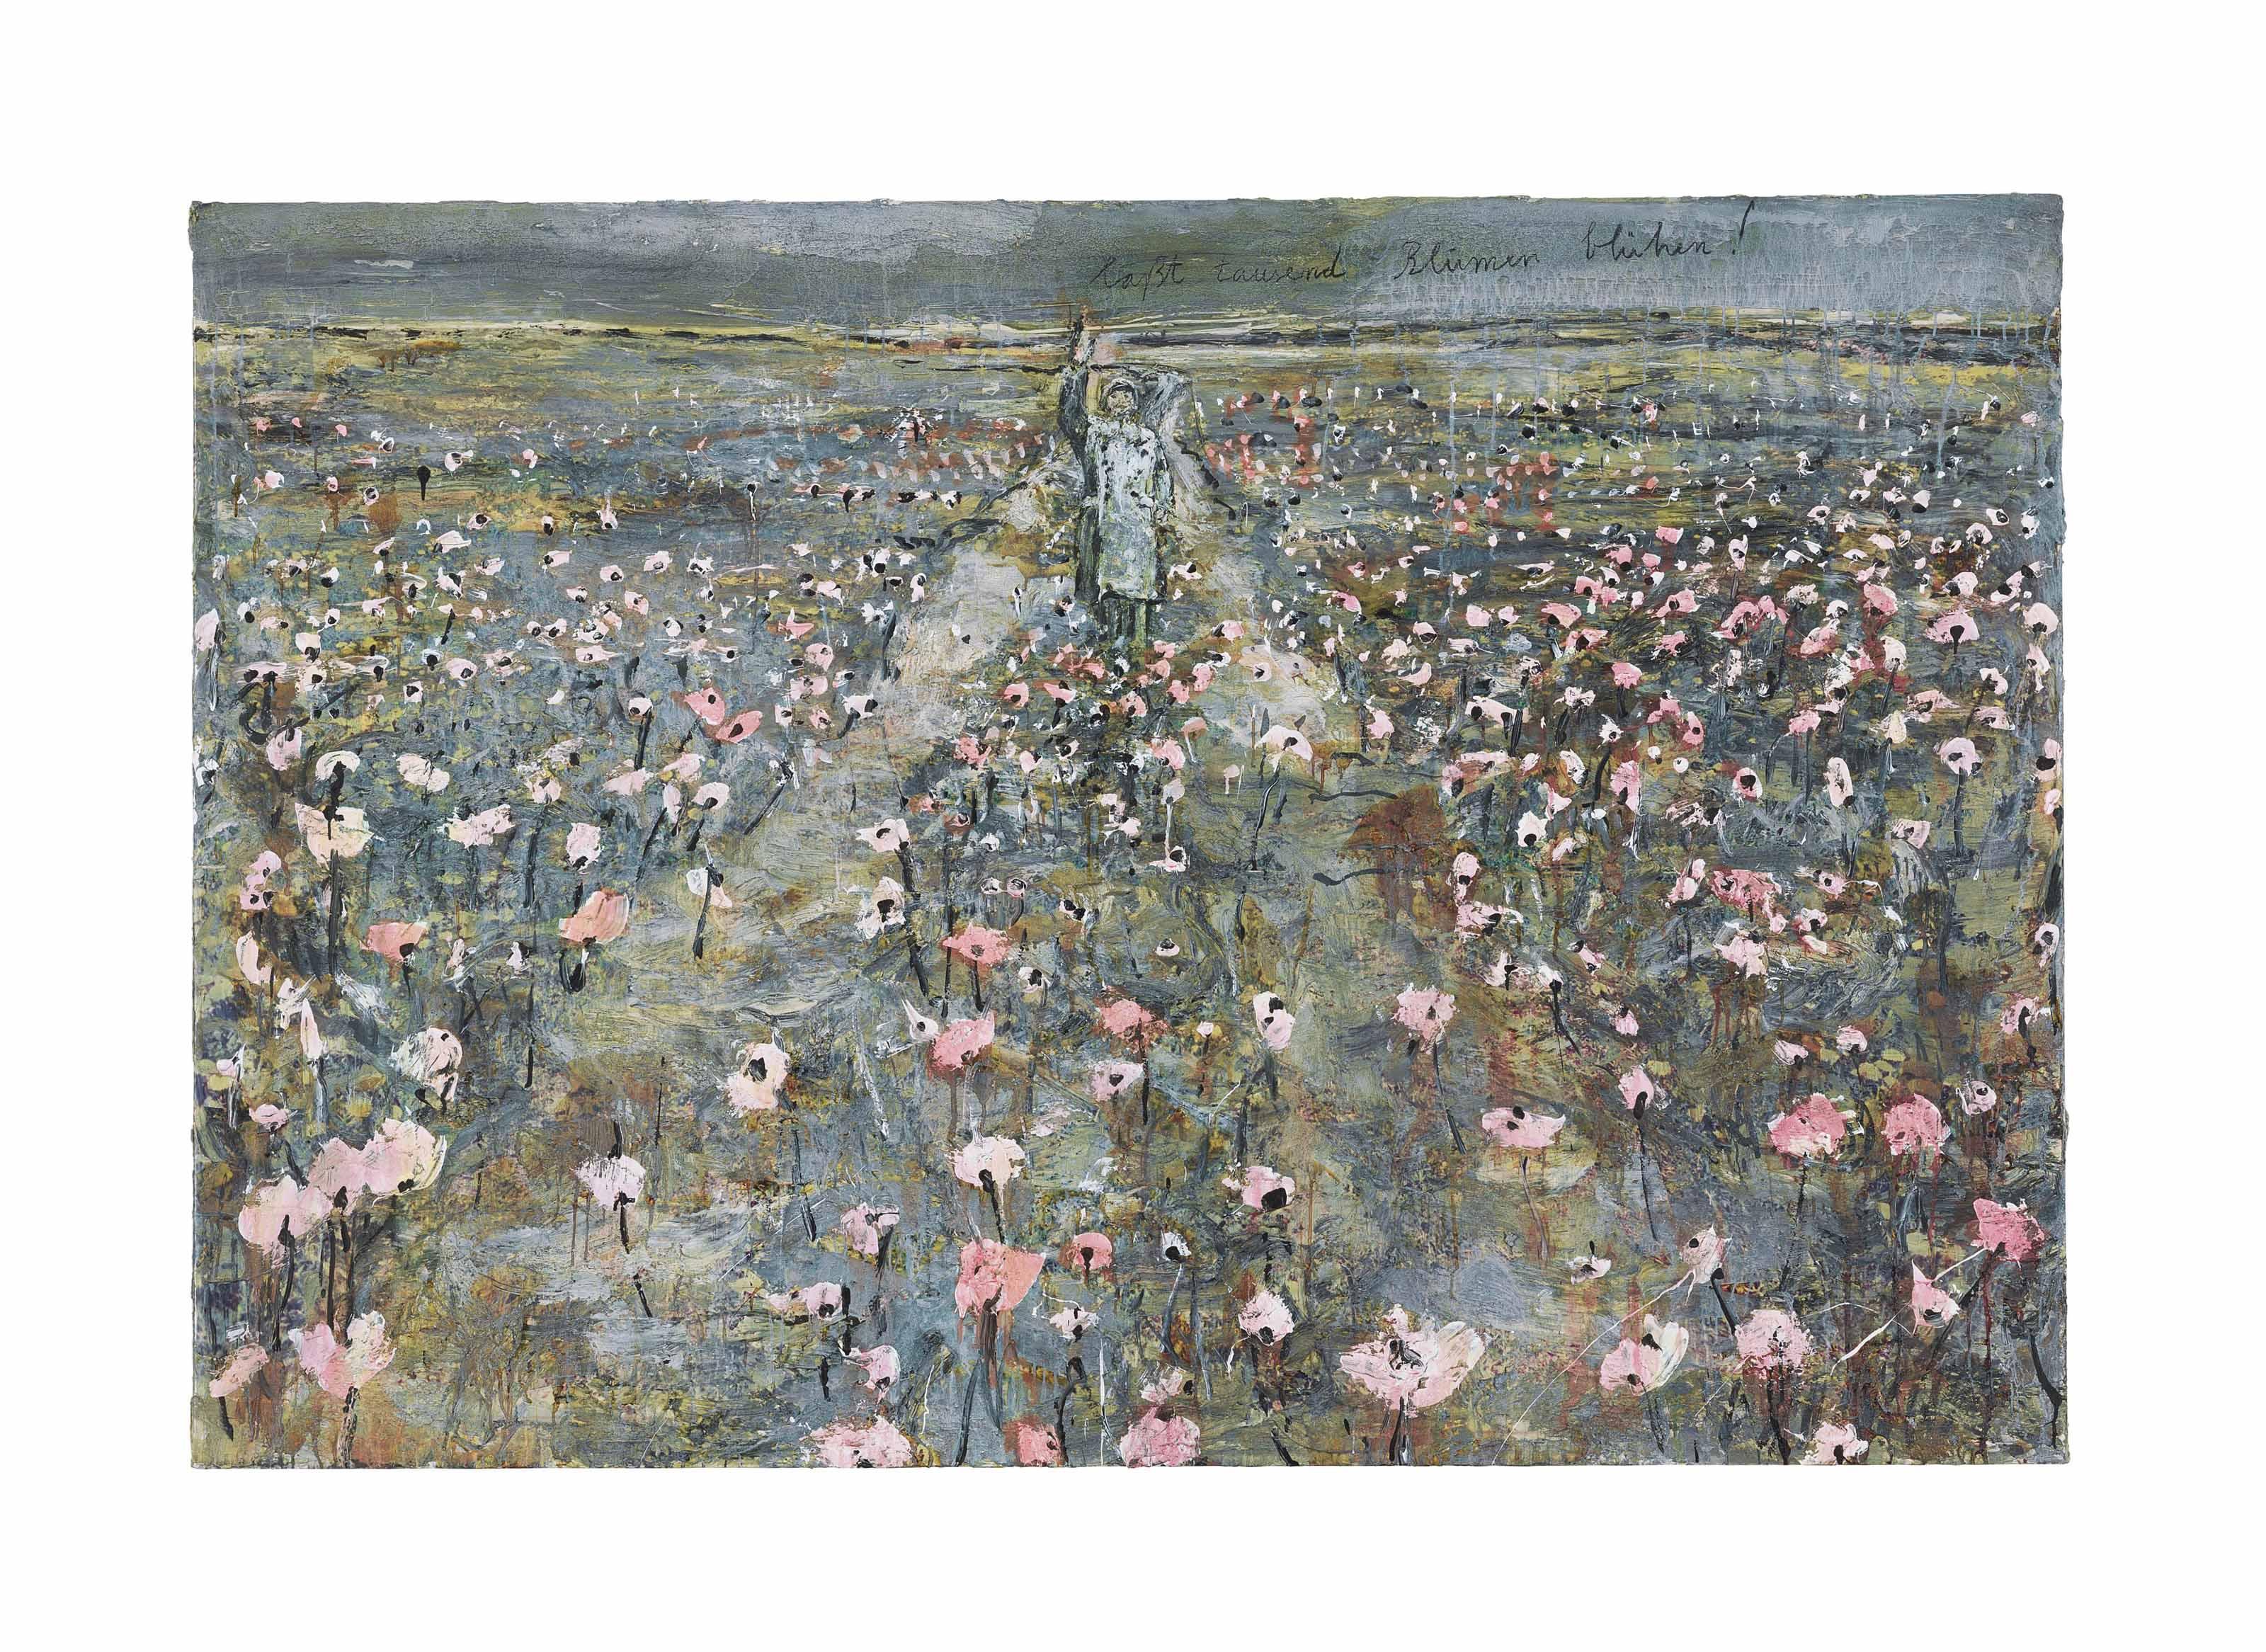 Laßt tausend Blumen blühen! (Let a Thousand Flowers Bloom)